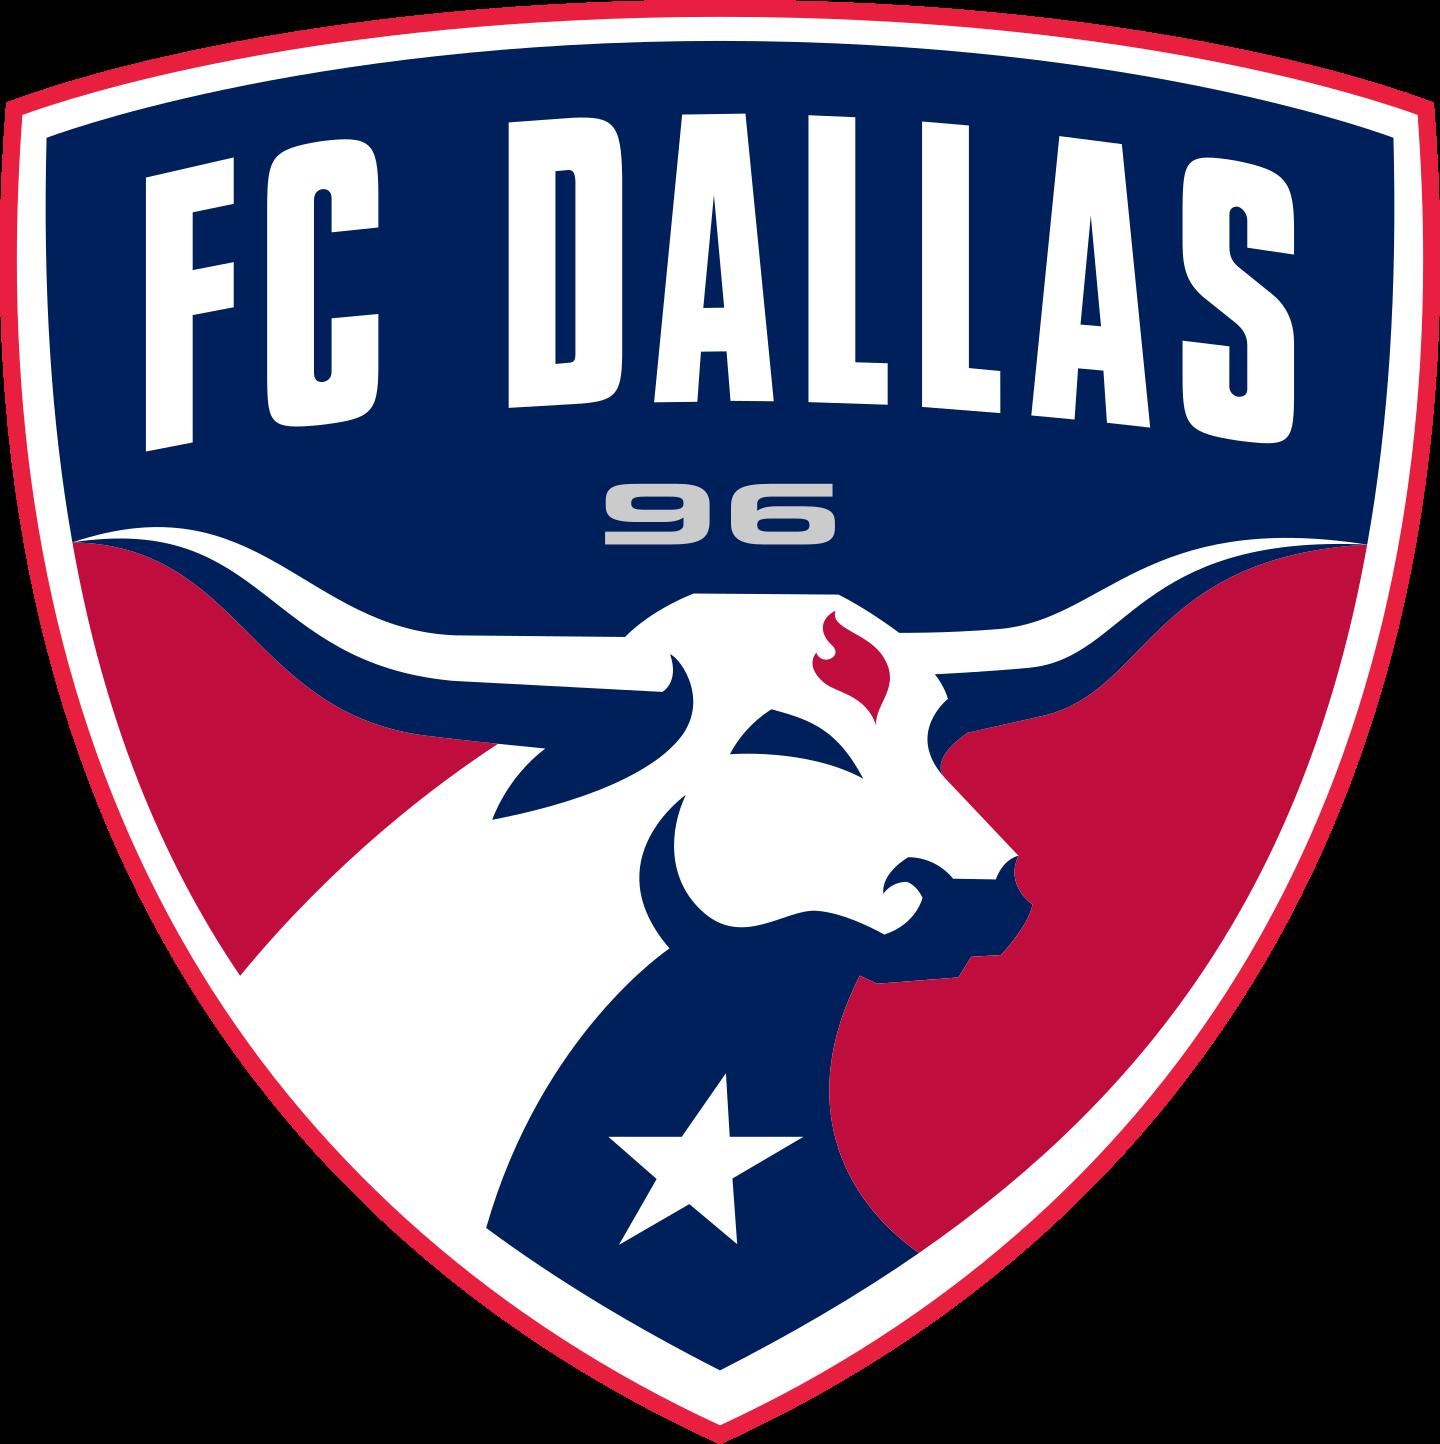 fc dallas logo 2 - FC Dallas Logo